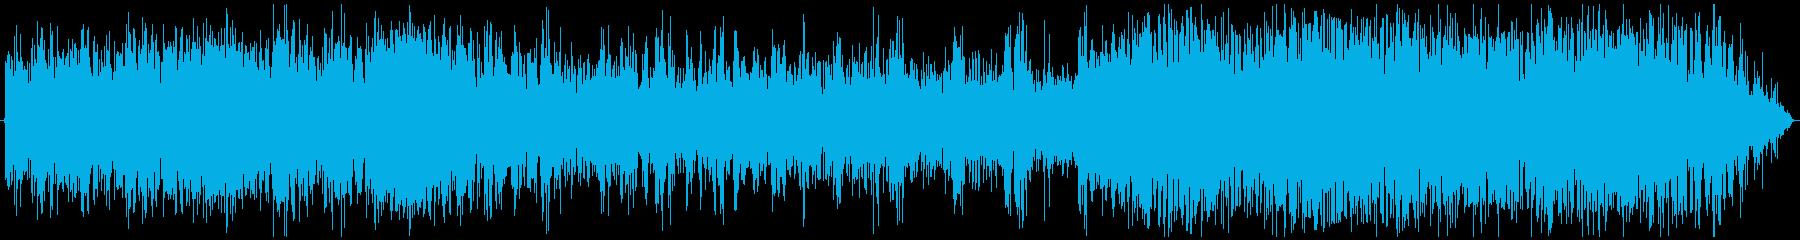 電車の中の環境音です。の再生済みの波形